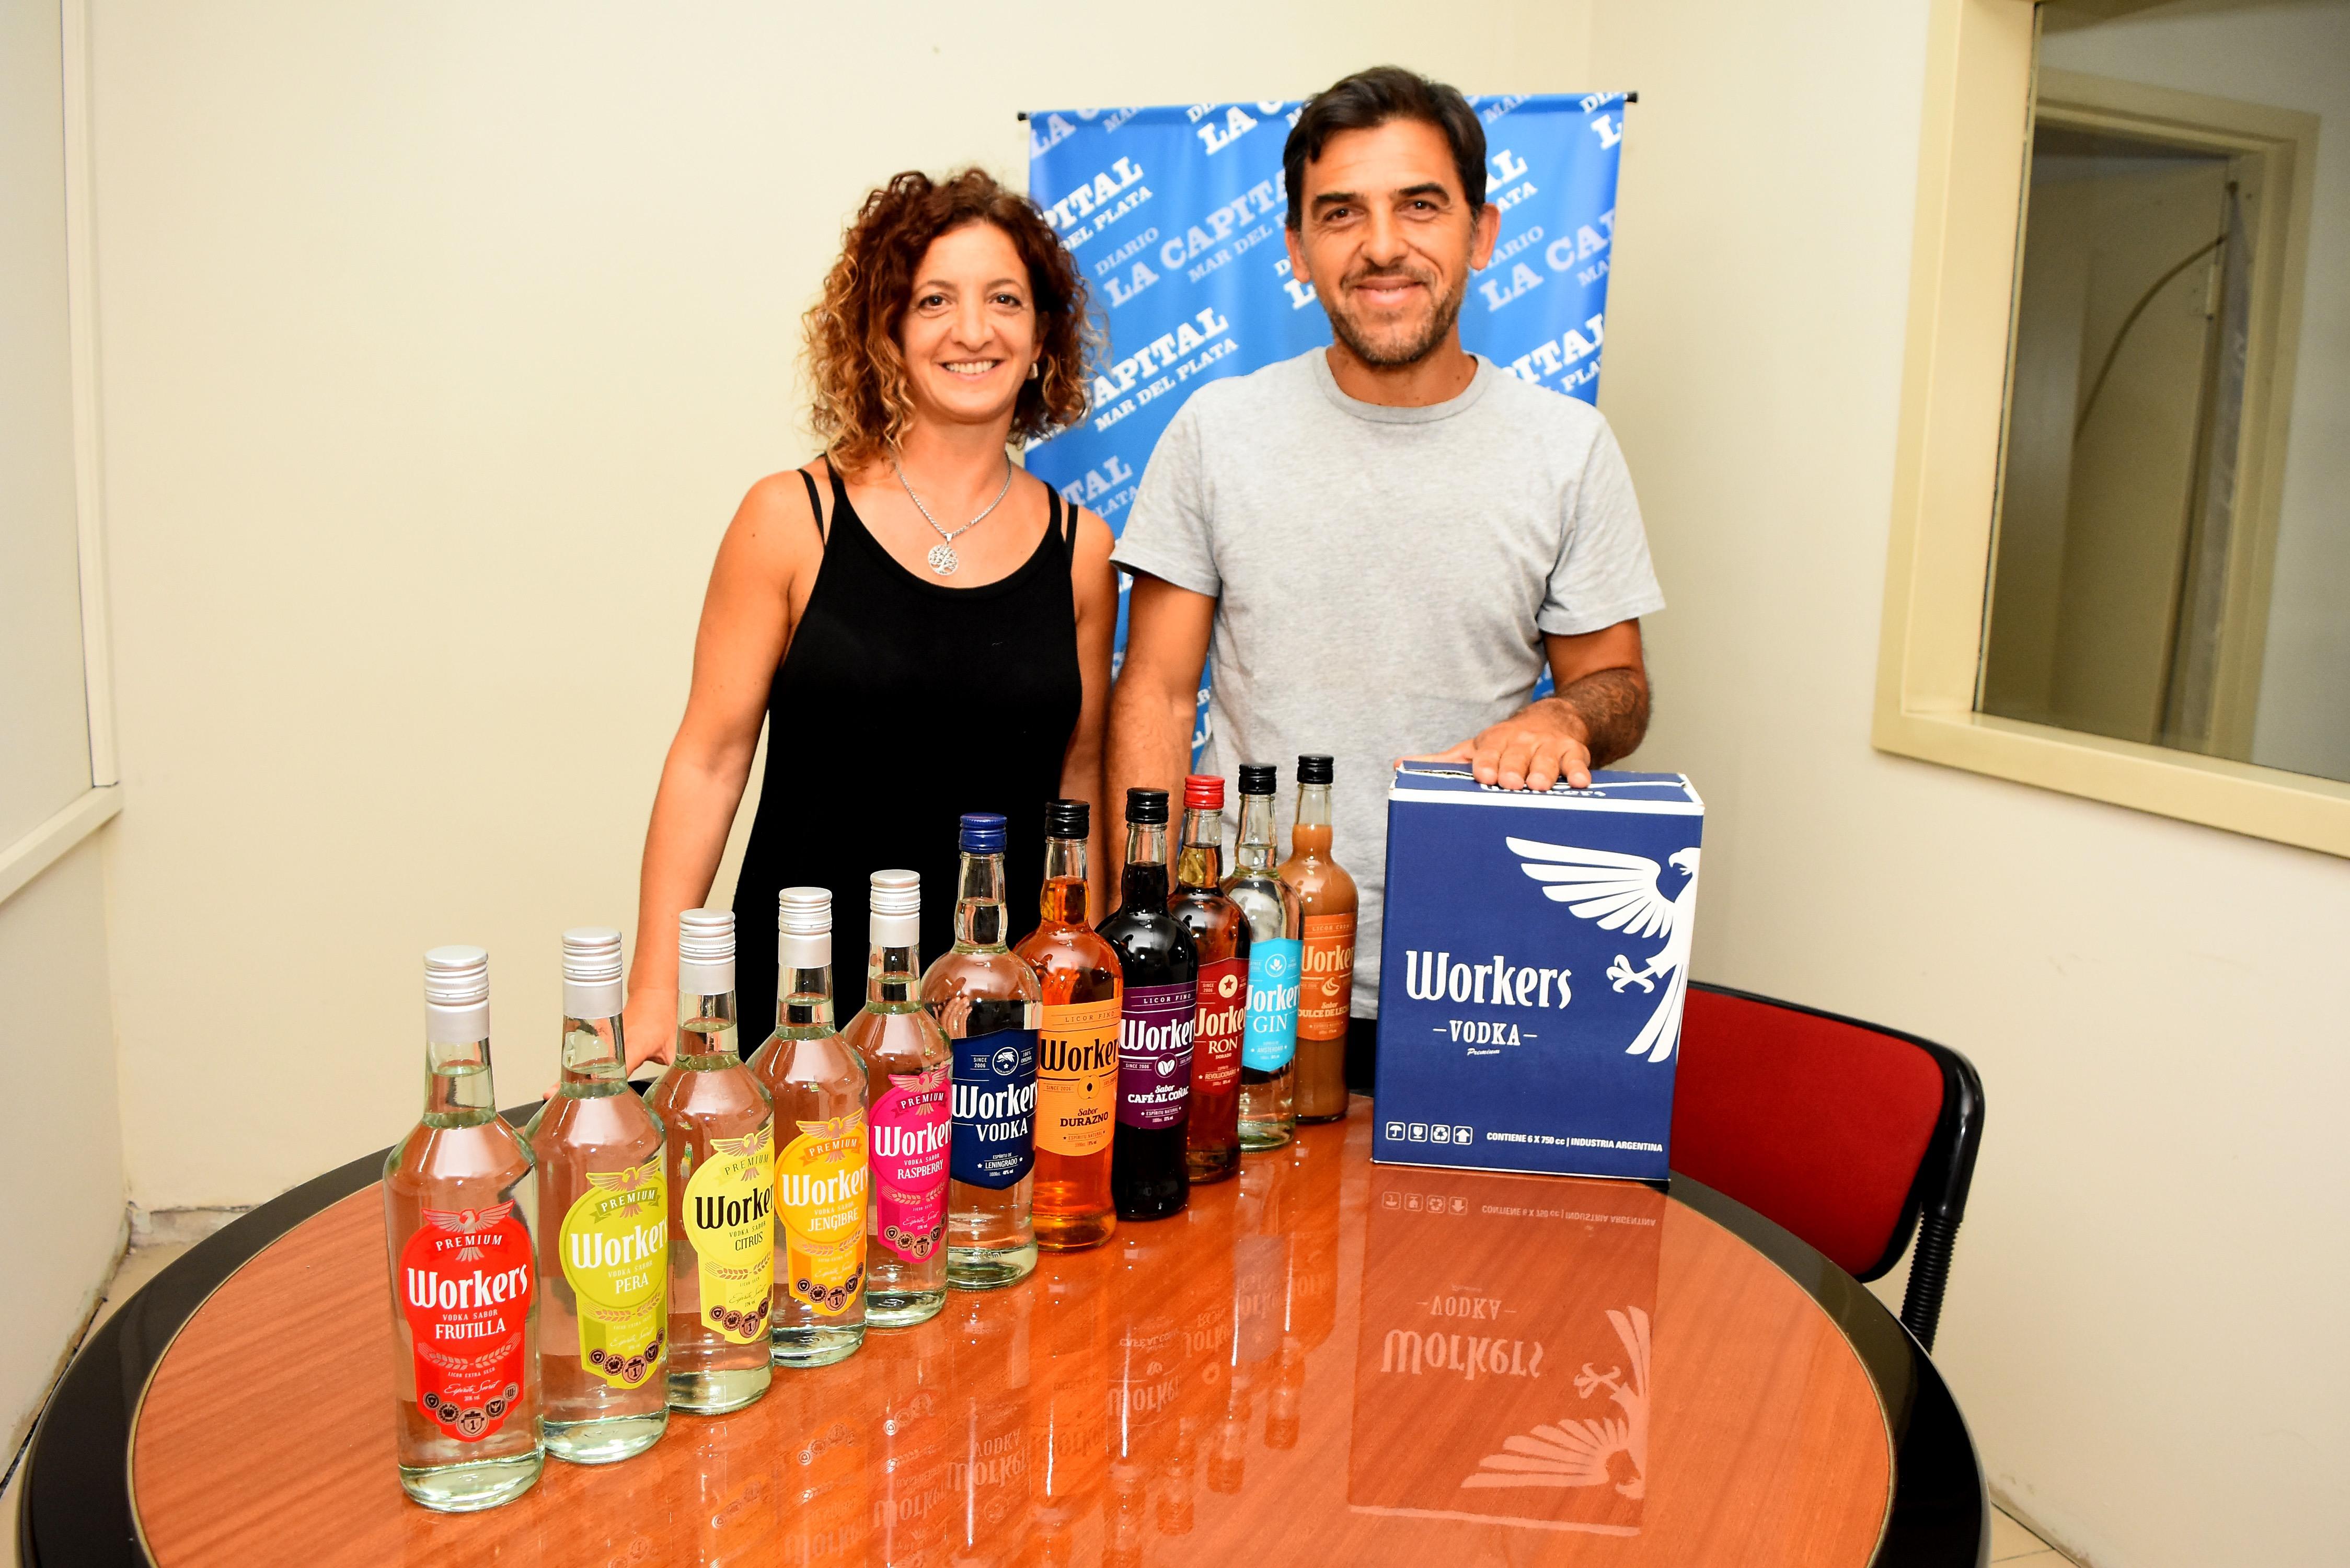 Distintas bebidas alcohólicas son destiladas en la ciudad